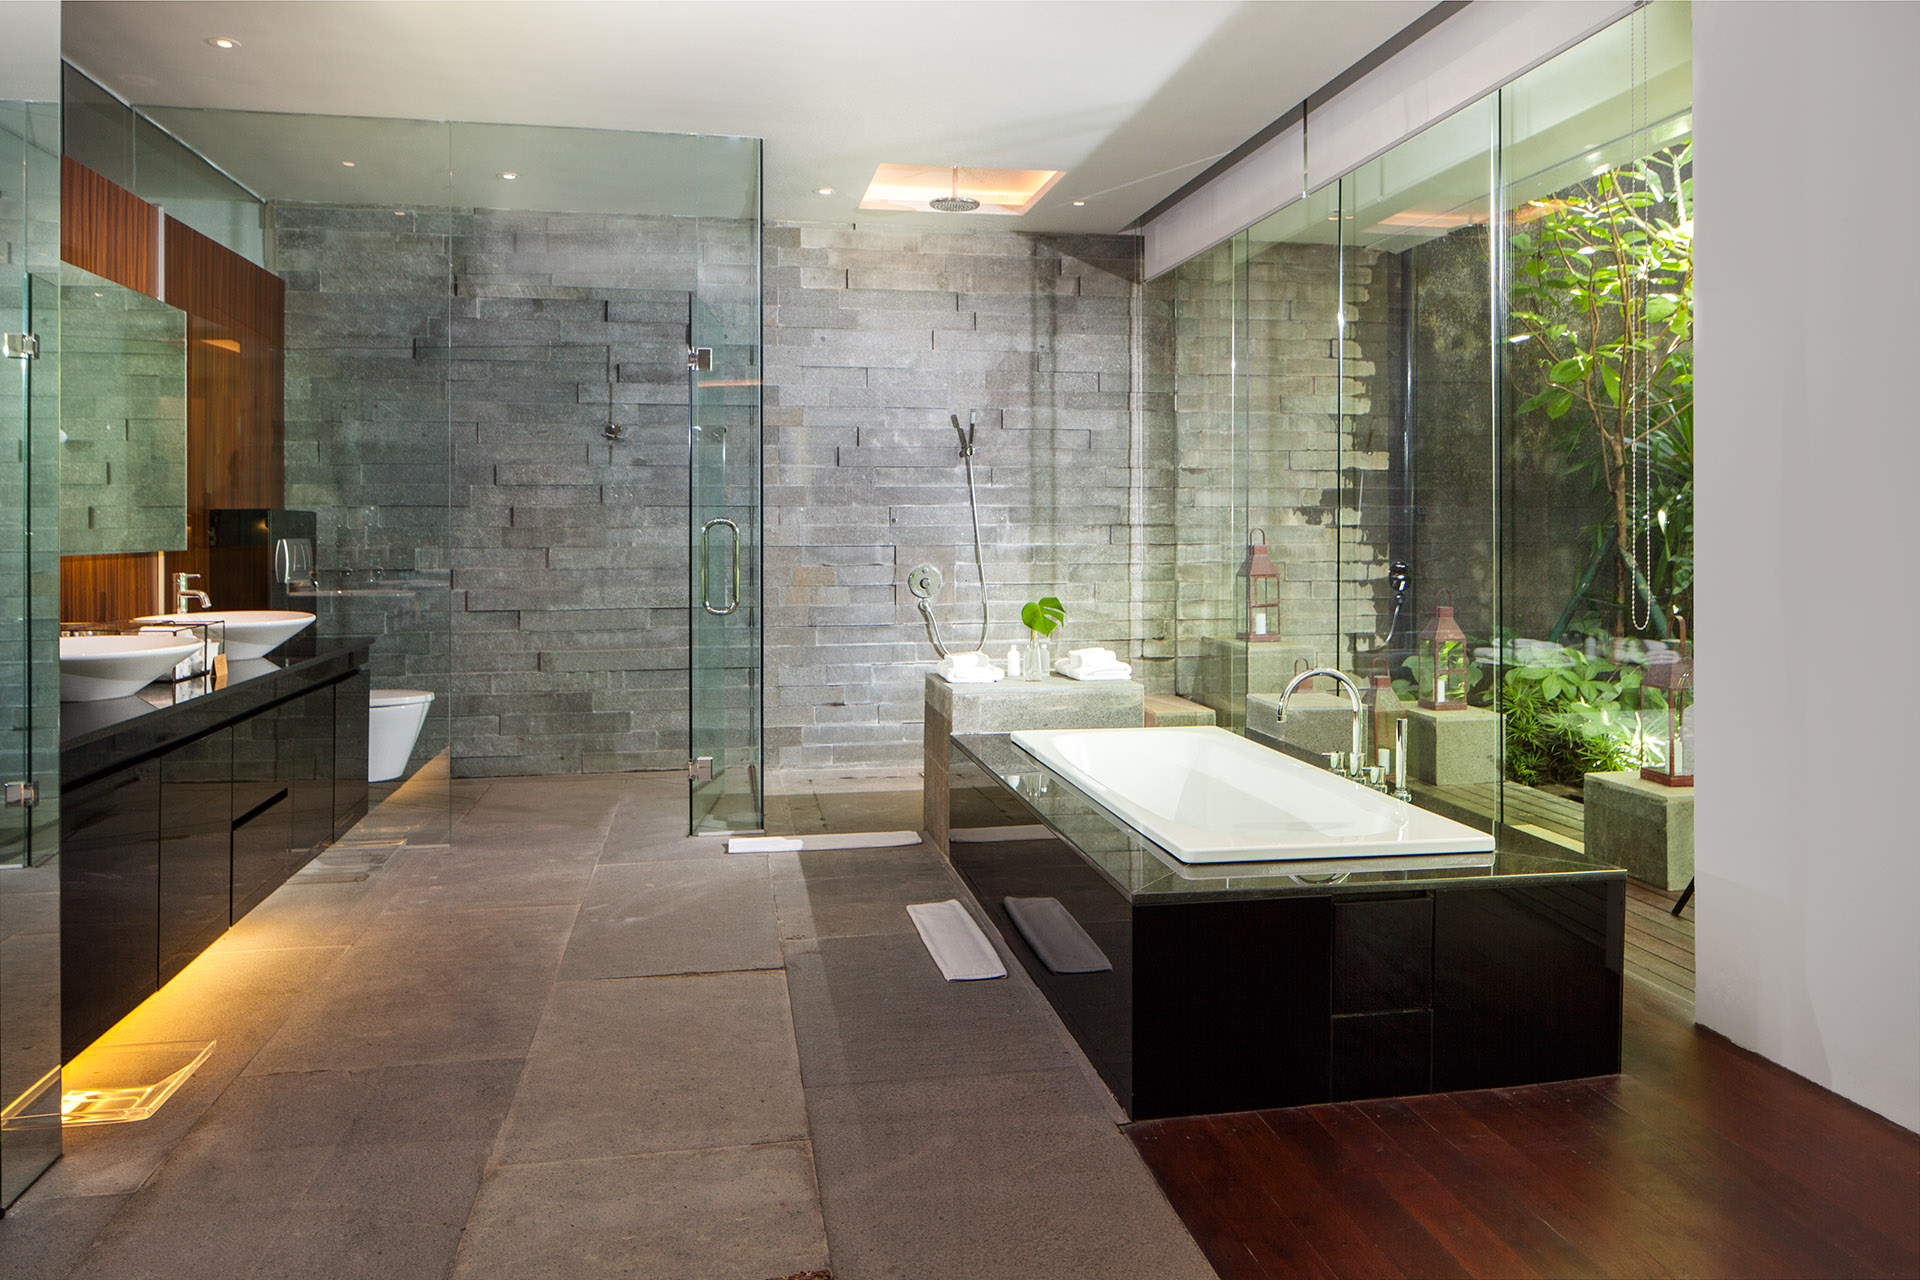 Bath Room at Master Bedroom.jpg